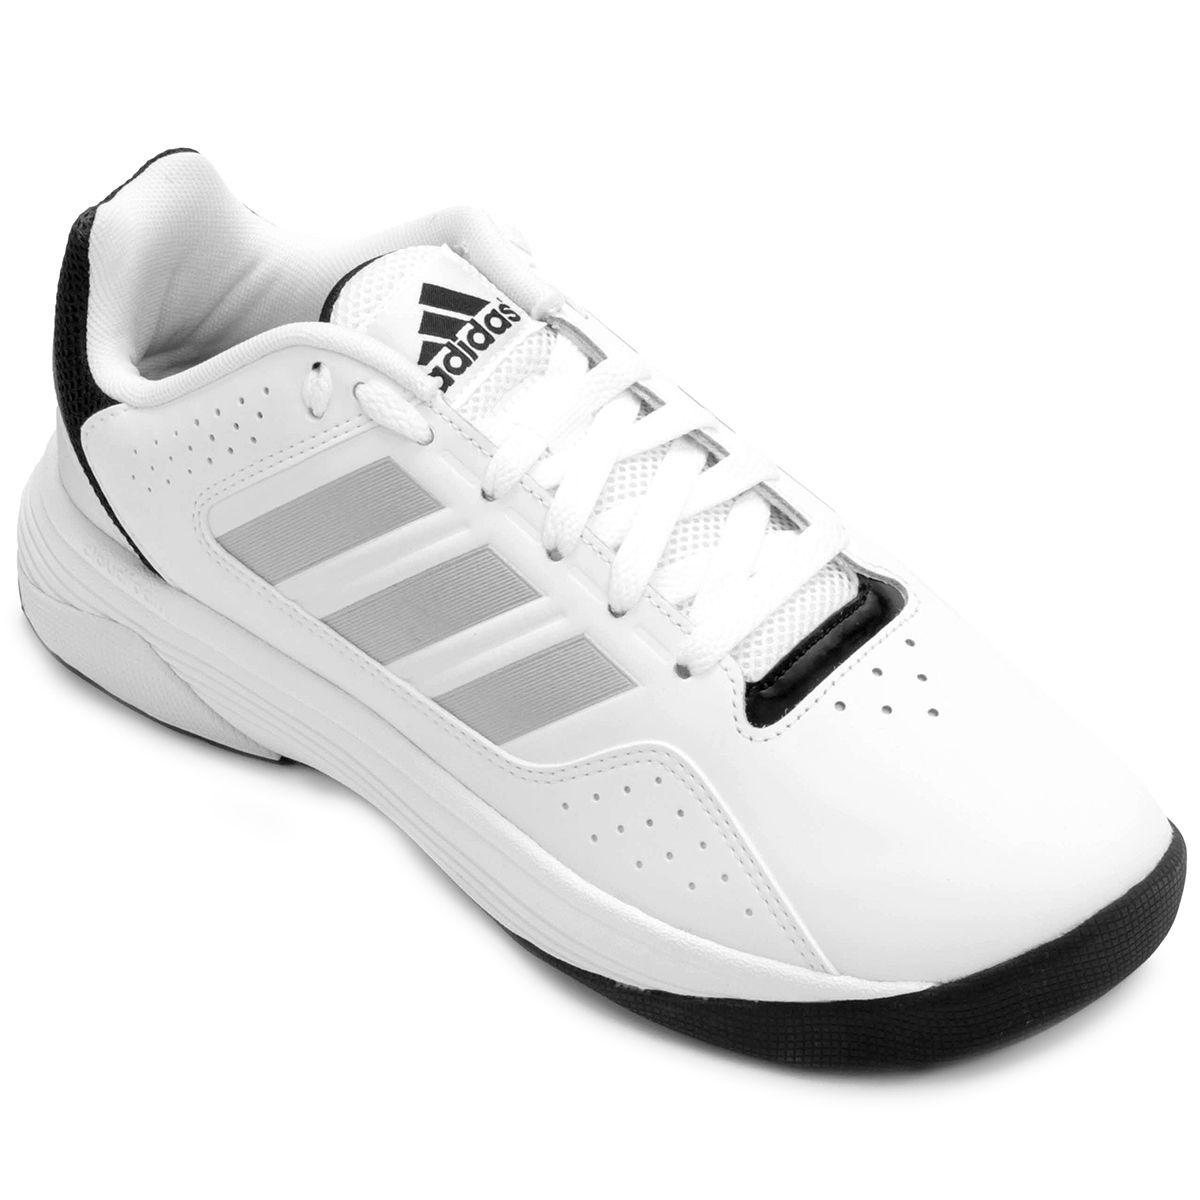 708716b9318 Tênis Adidas Cloudfoam Ilation - Branco e prata